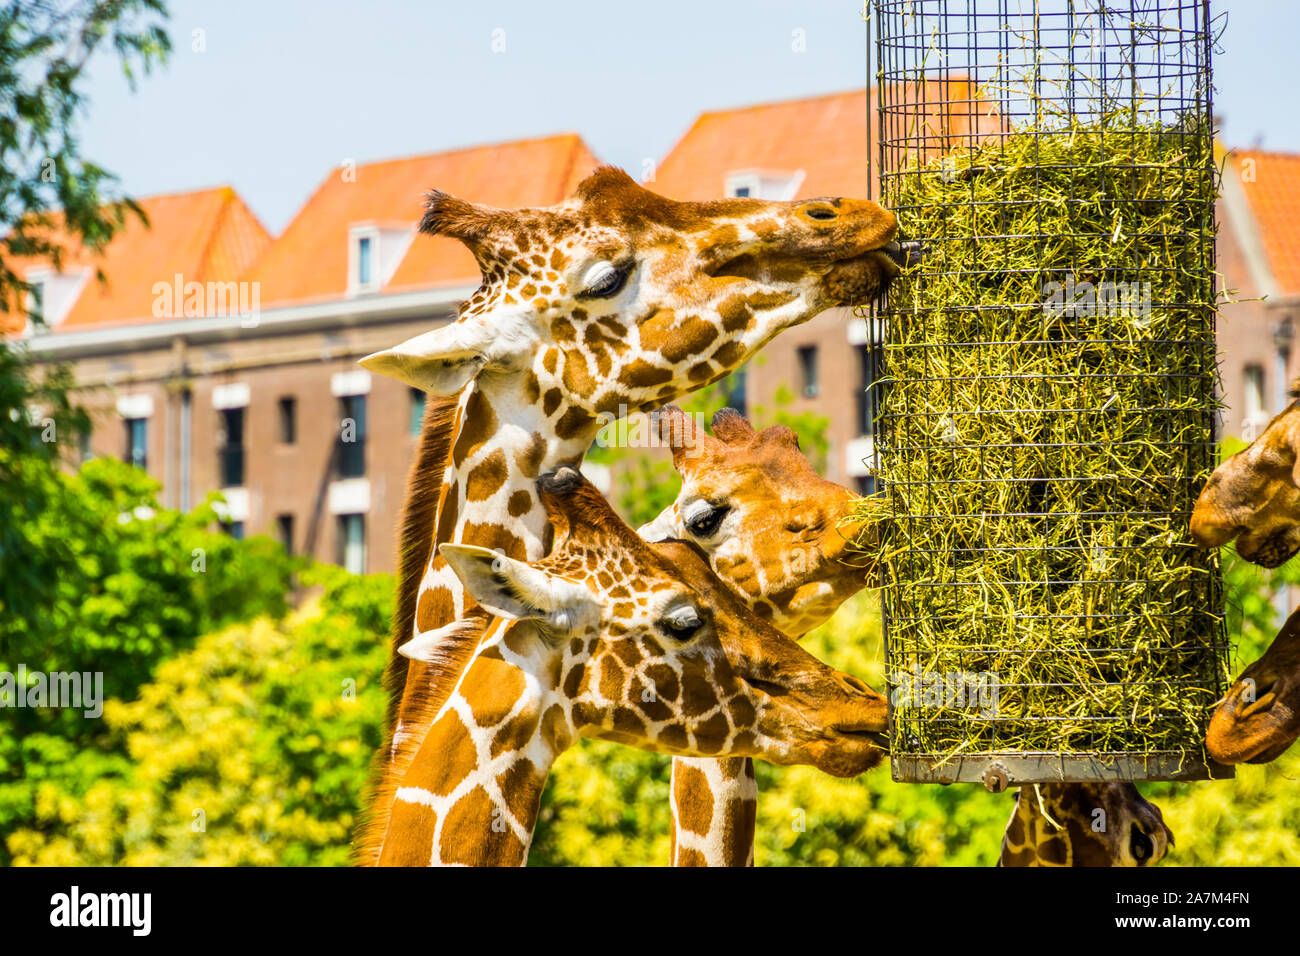 Les Girafes somaliens eating hay à partir d'un panier, d'équipement d'alimentation des animaux de zoo, en voie de disparition Espèce animale d'Afrique Banque D'Images